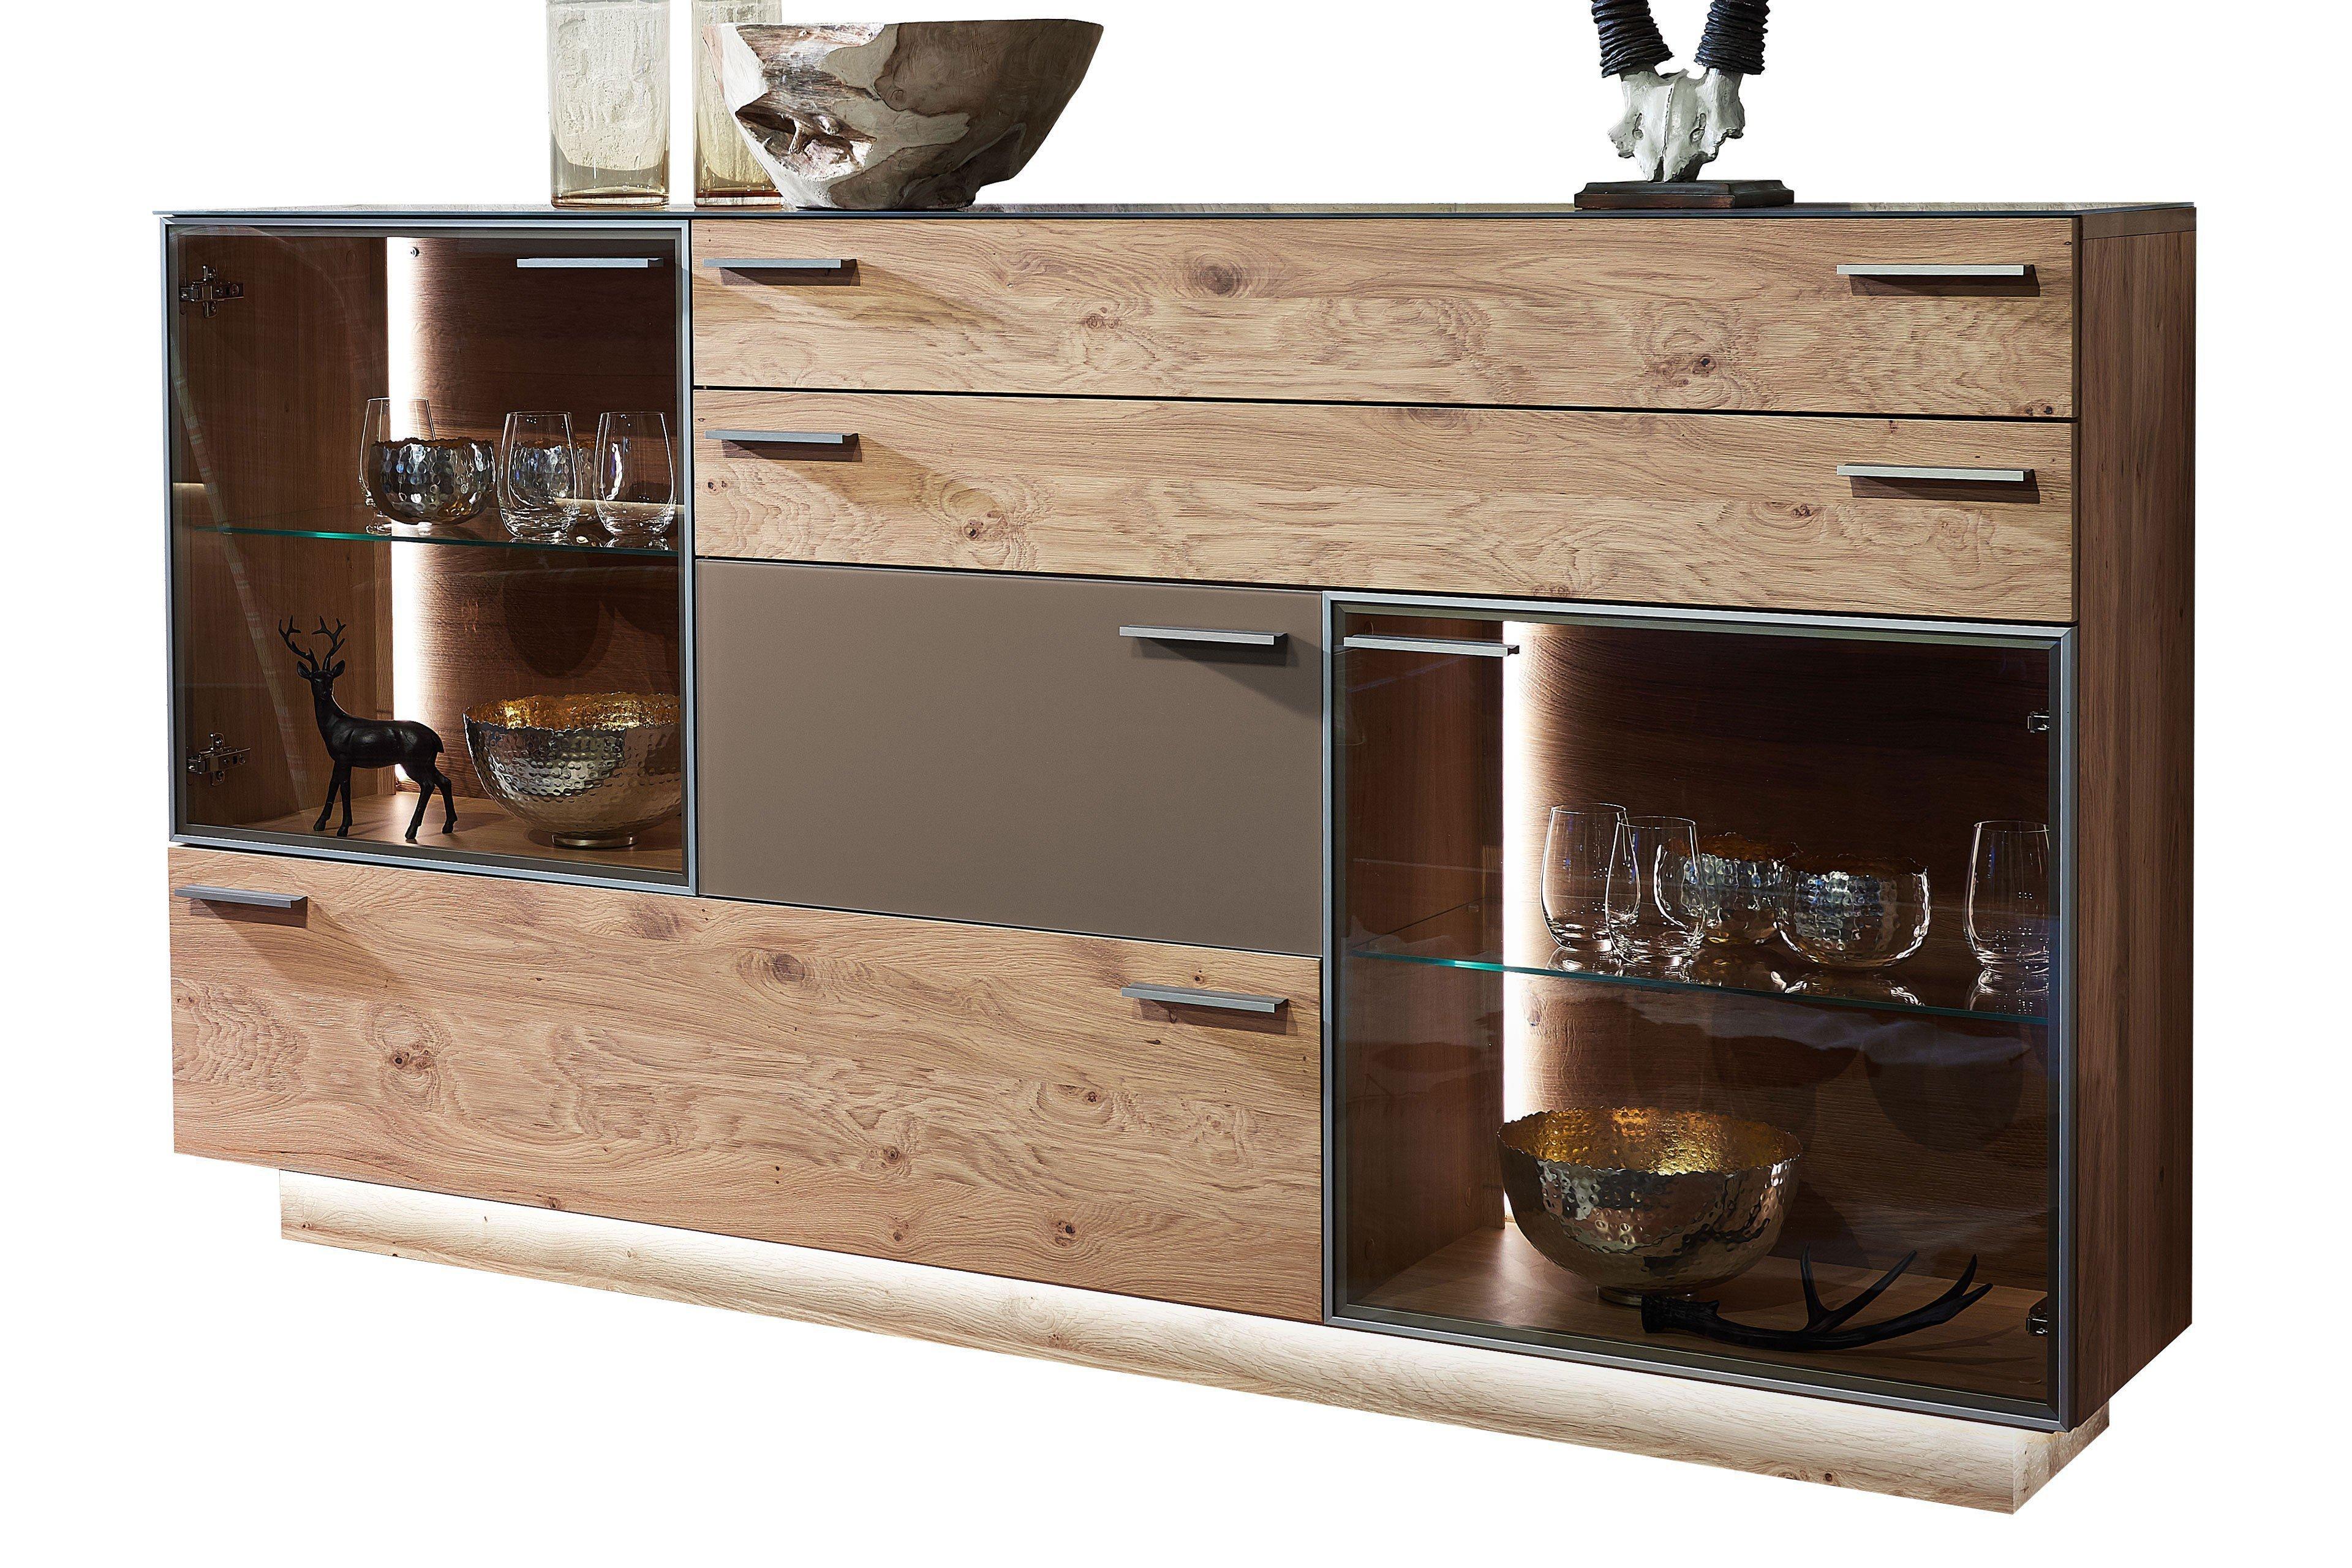 schr der wohnm bel sideboard kitzalm montana kernasteiche. Black Bedroom Furniture Sets. Home Design Ideas